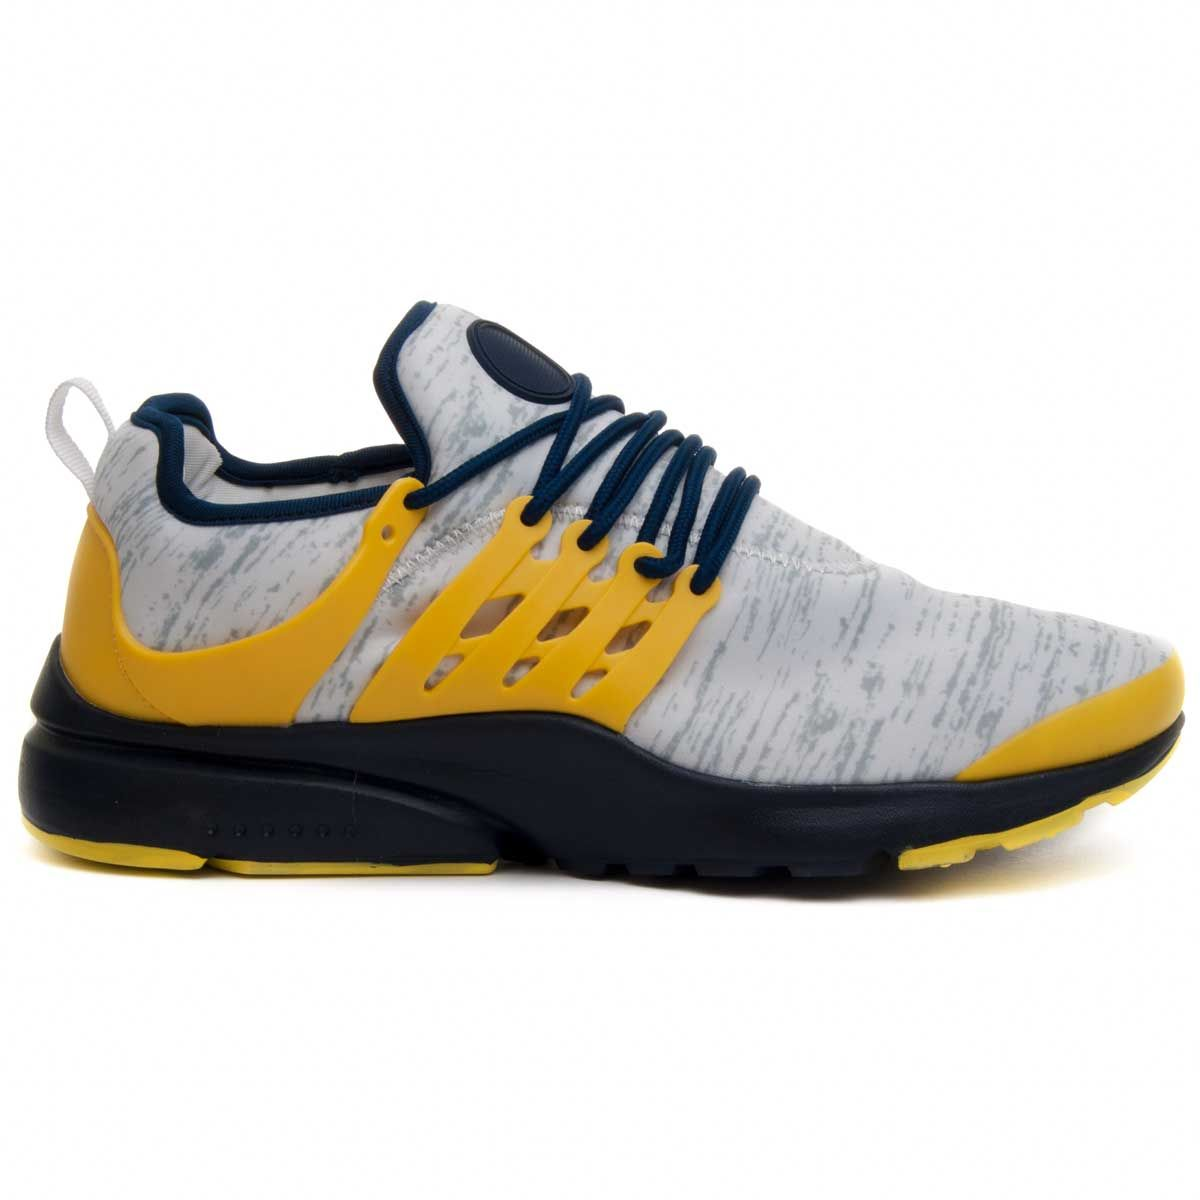 Montevita Sporty Sneaker in Grey